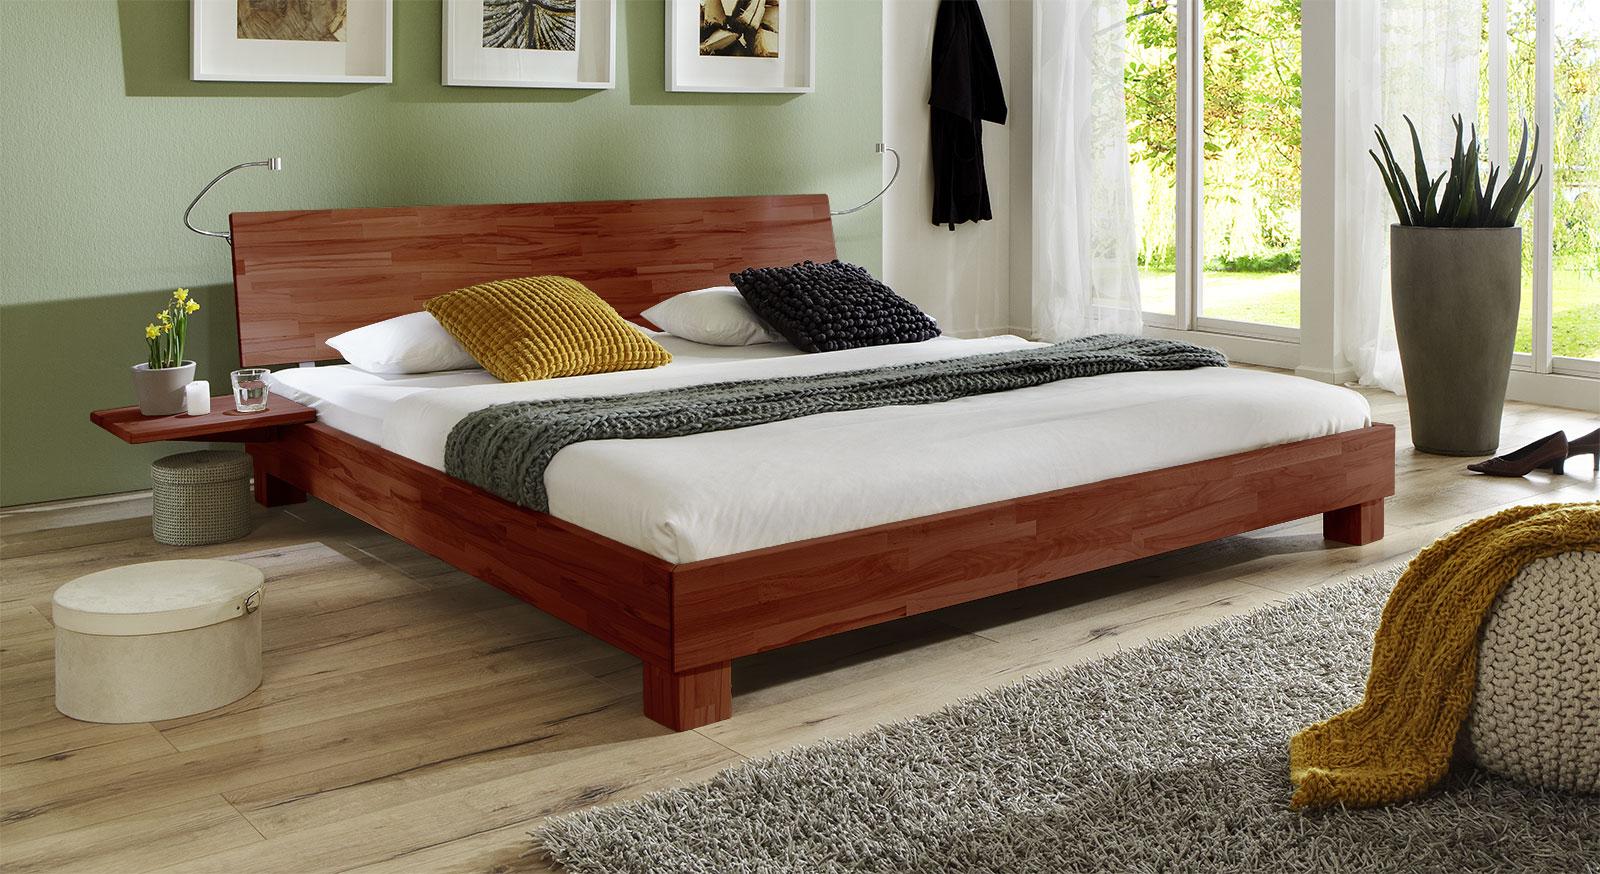 Doppelbett Lesina in Buche kirschbaum lackiert